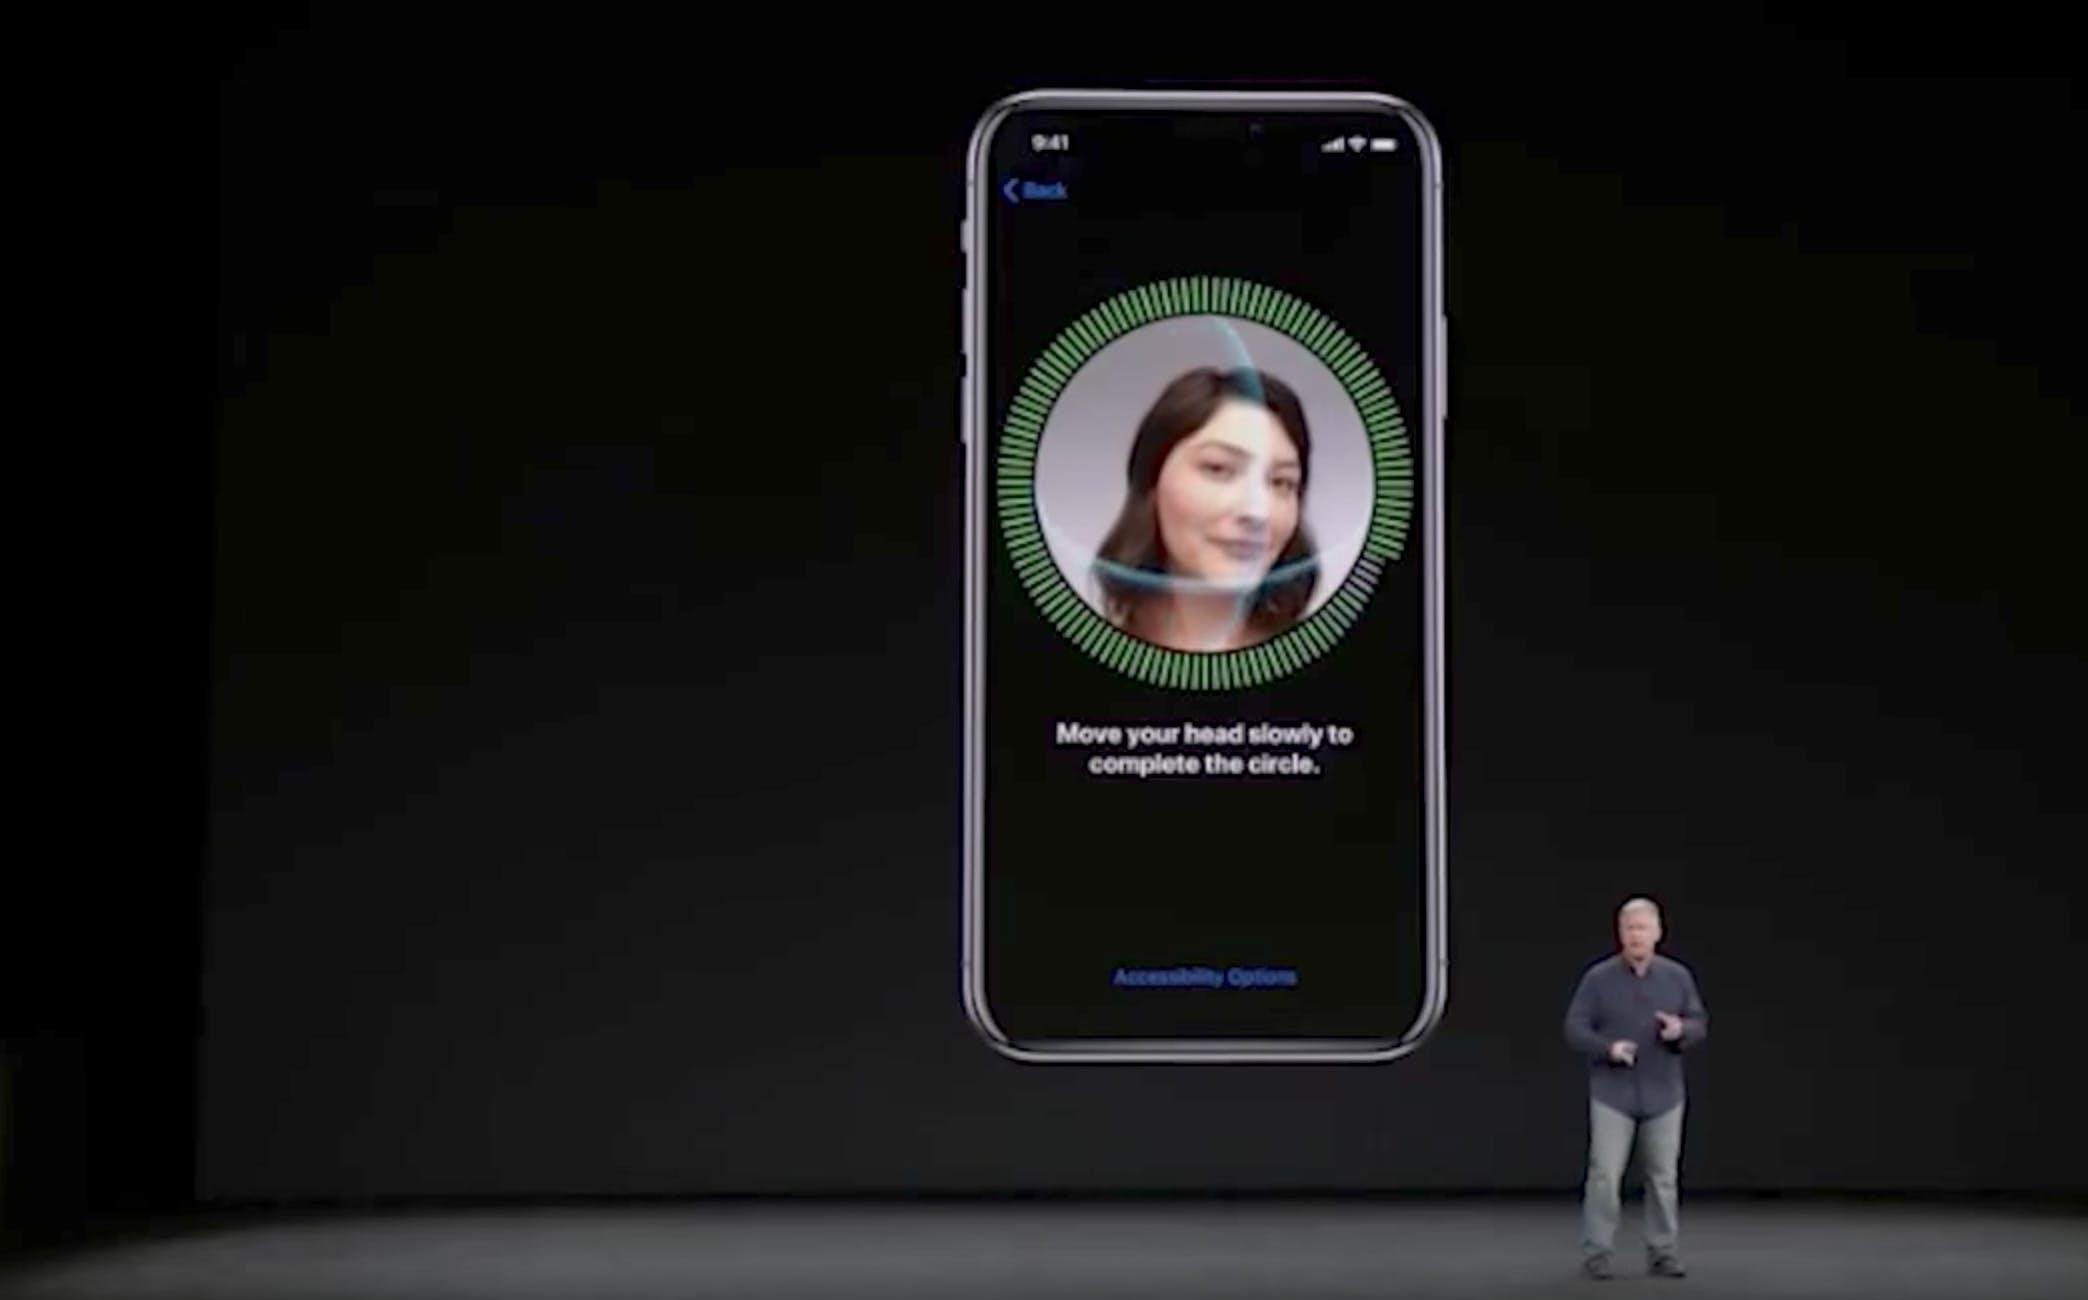 Apple's iPhone X Face ID fail